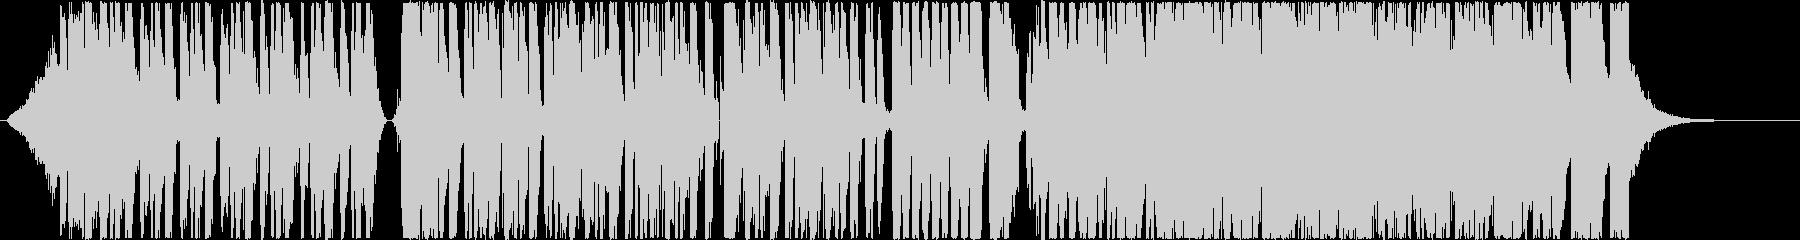 電子楽器と鼓のミステリアスなBGMの未再生の波形